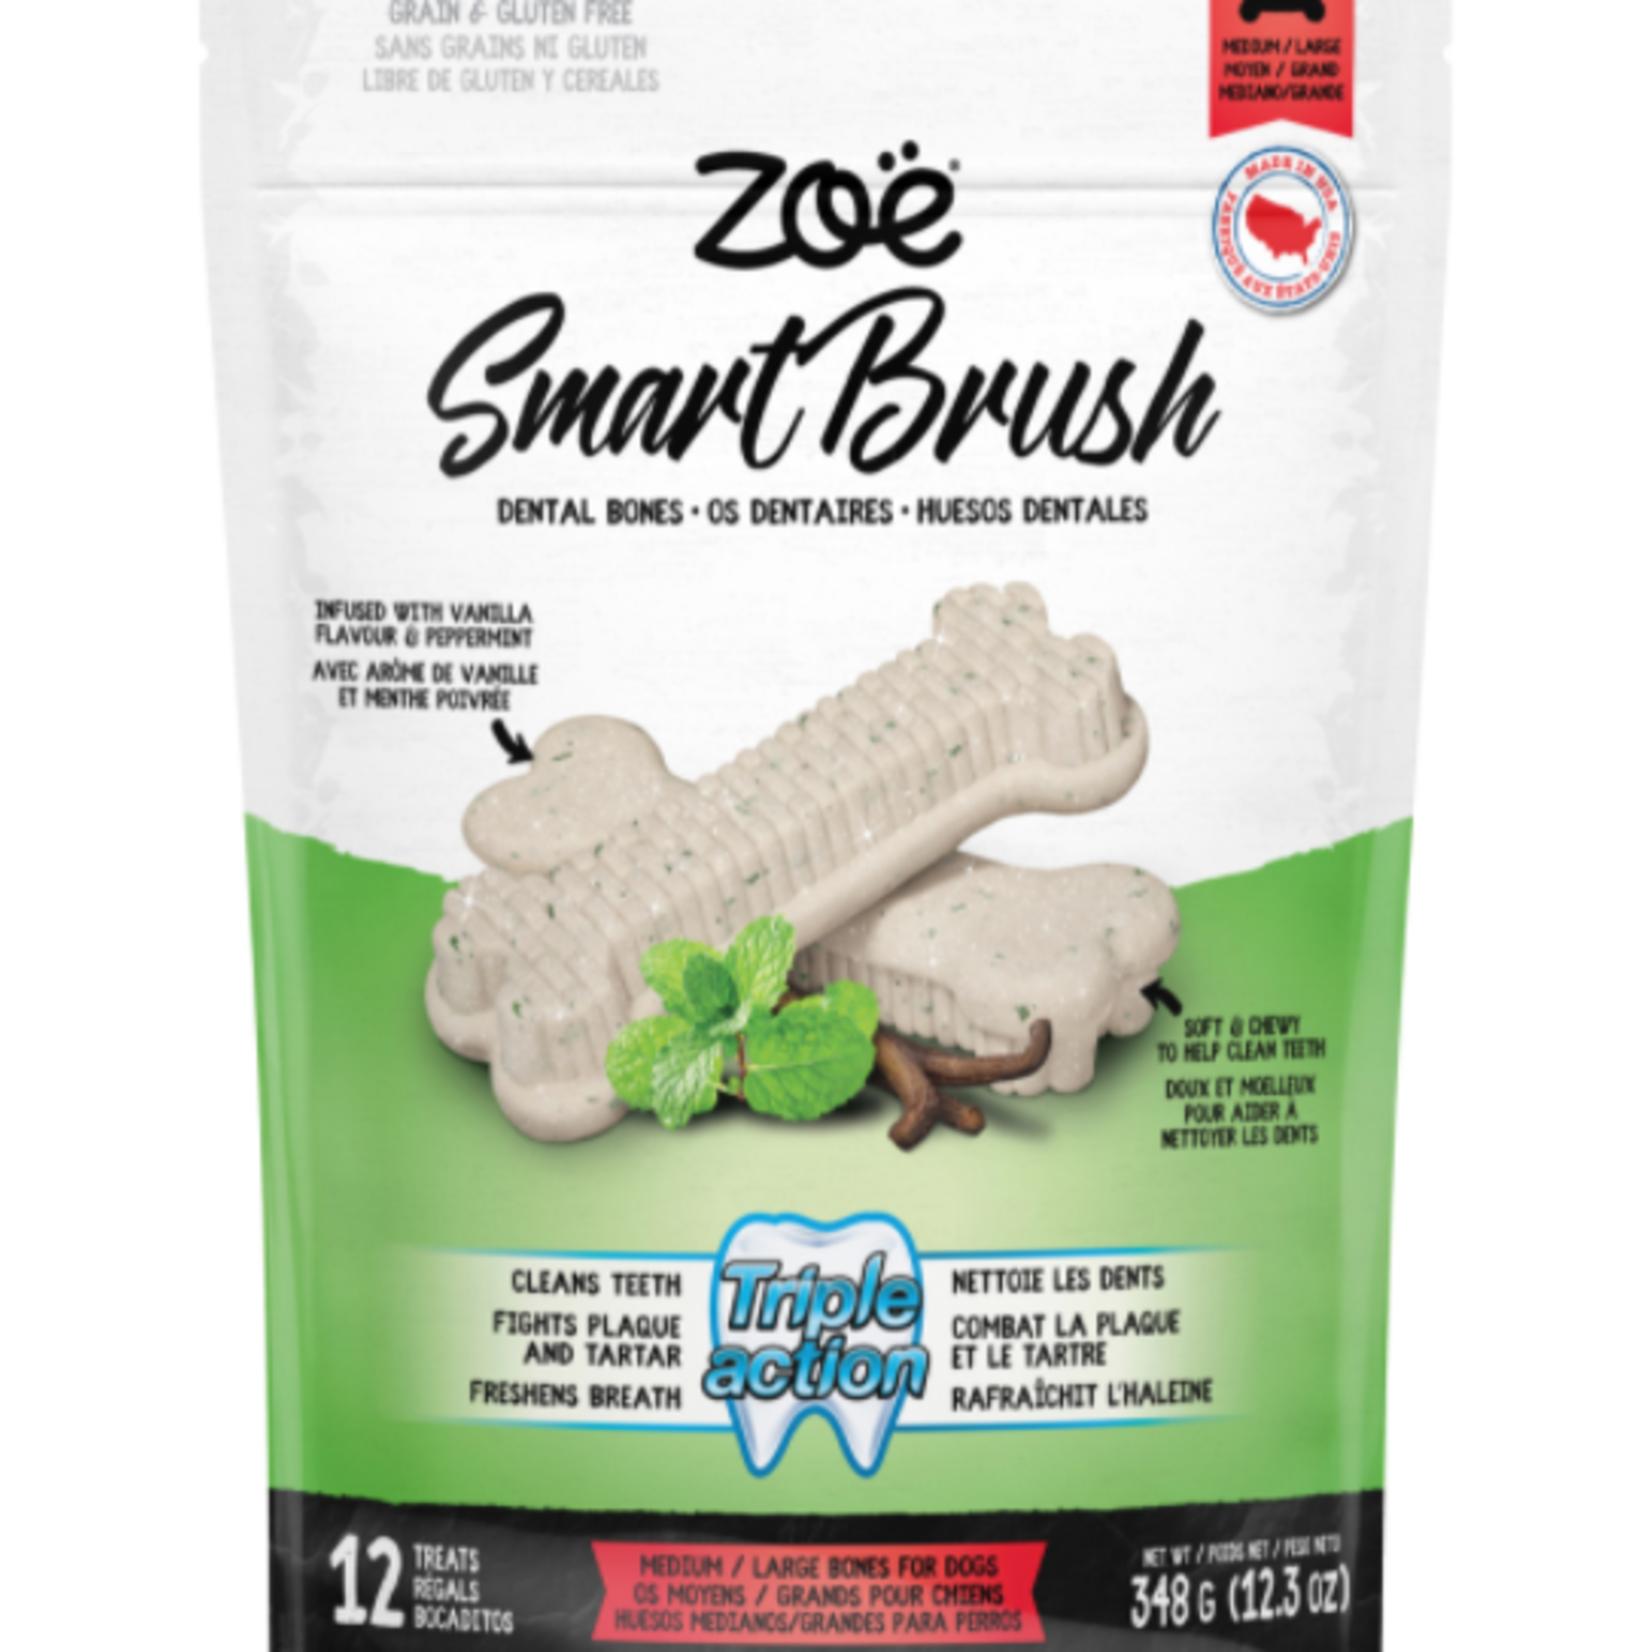 Zoe Smart Brush Bones for Dogs – Medium/Large – 12 pack – 348 g